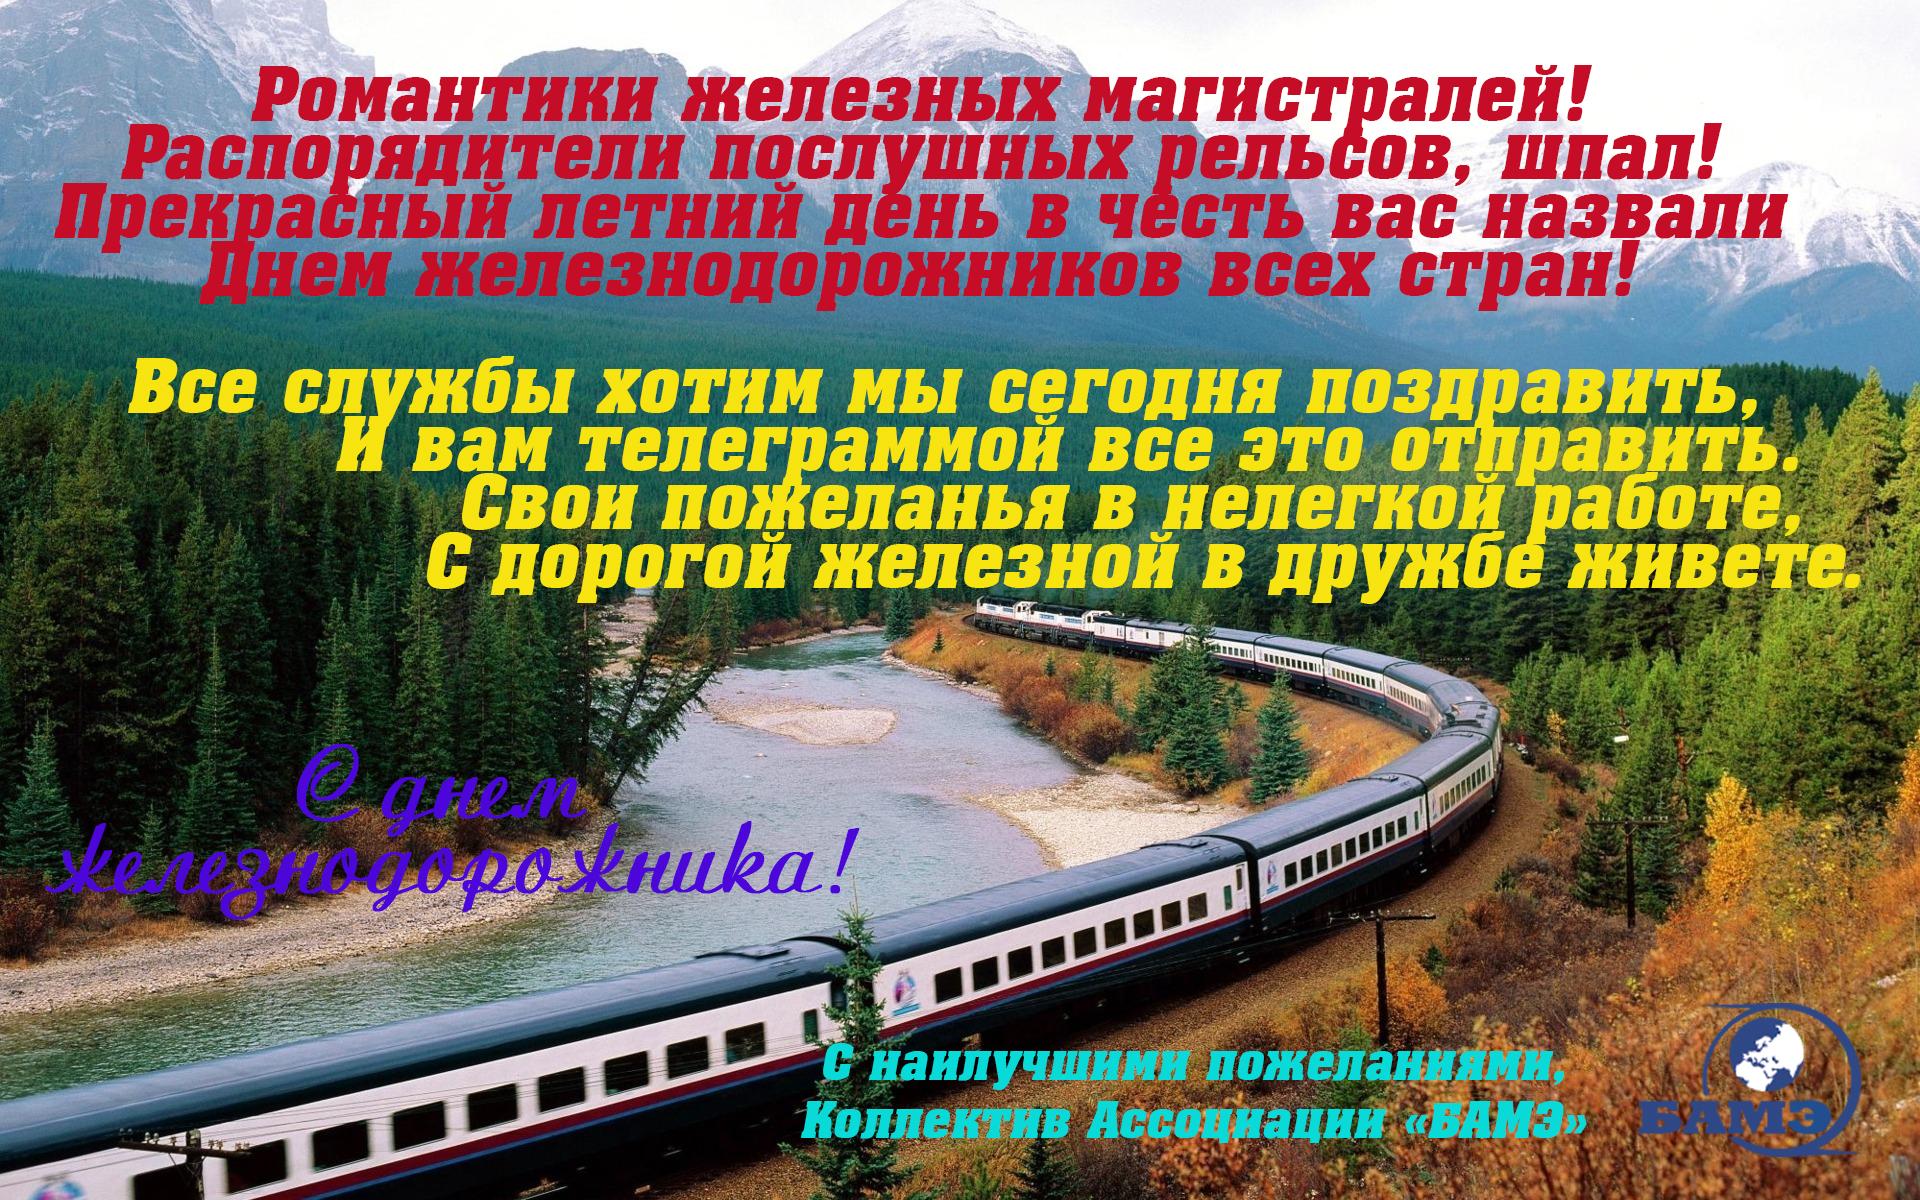 Поздравления с Днем железнодорожника от Путина